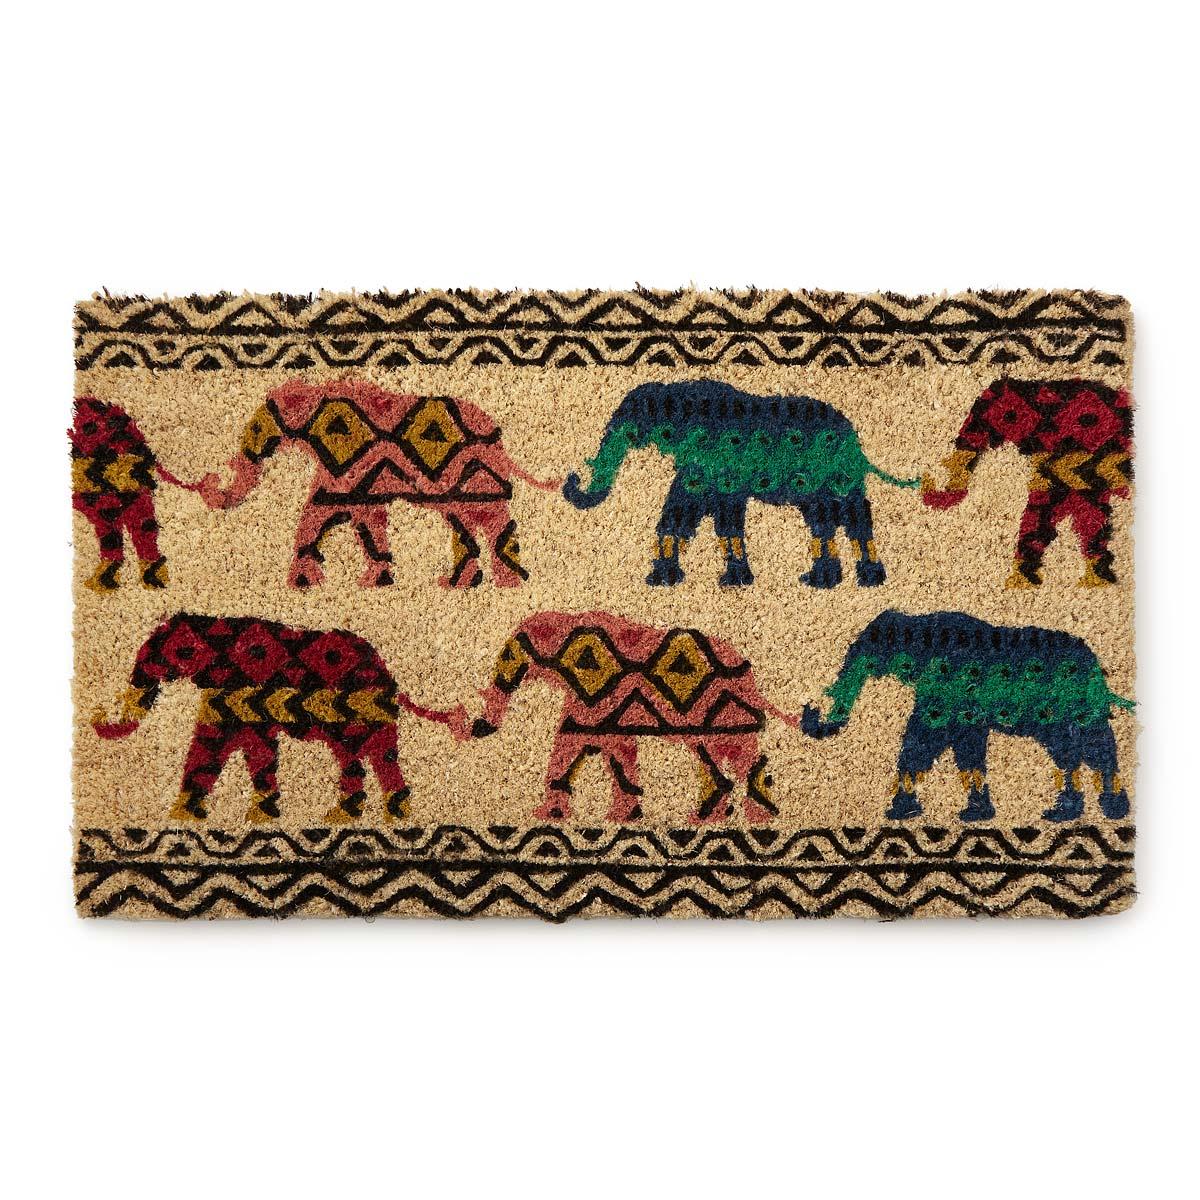 global elephant doormat 1 thumbnail